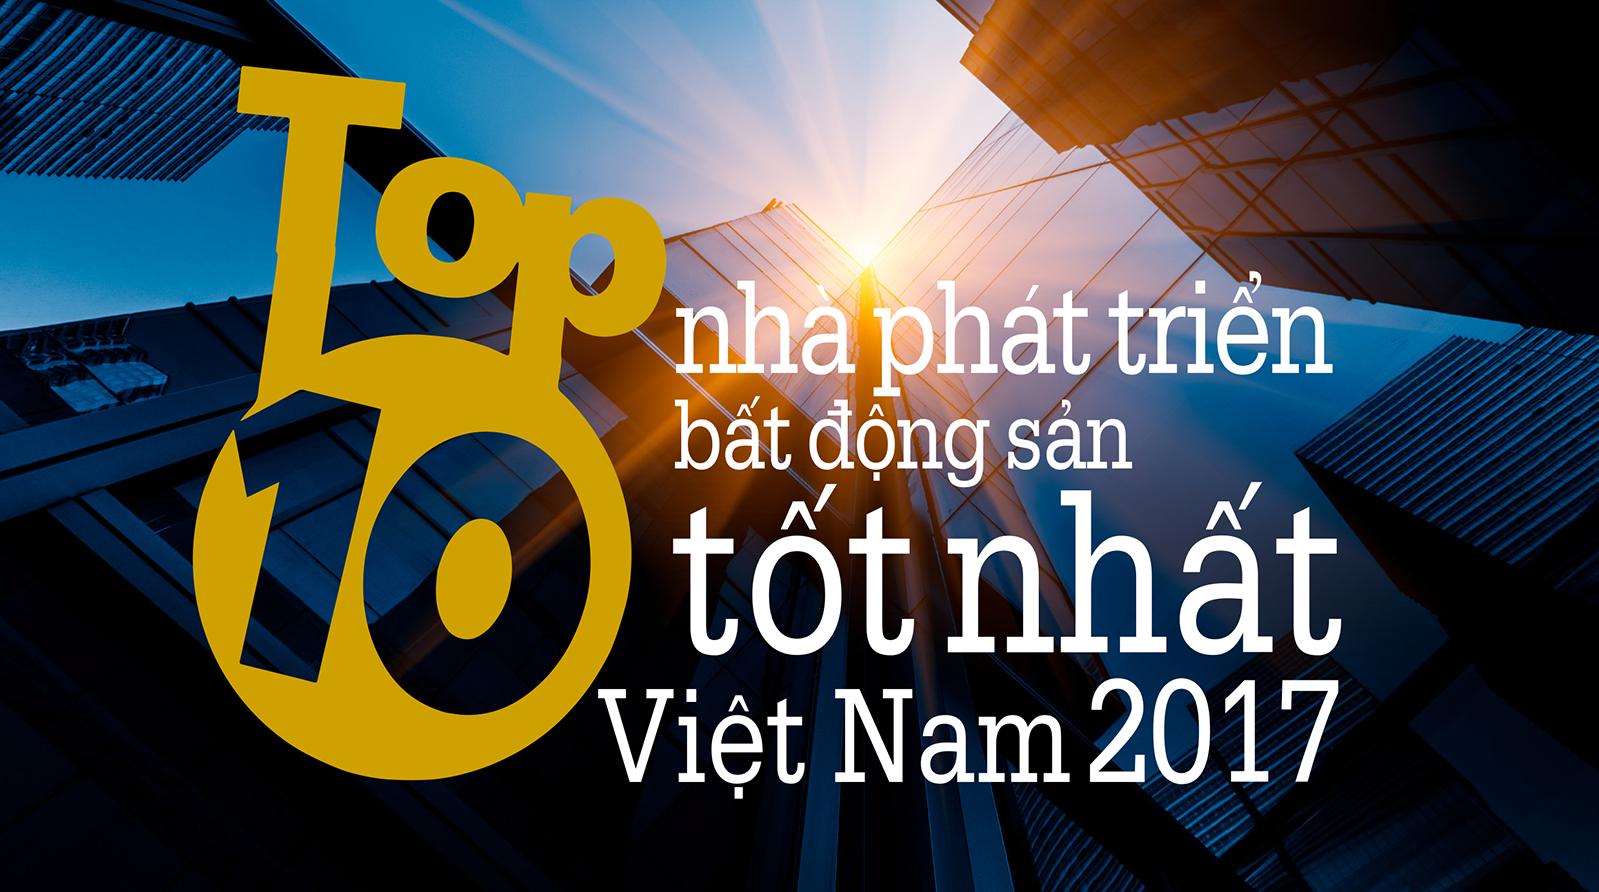 MIKGroup nằm trong top 10 nhà phát triển bất động sản tốt nhất Việt Nam